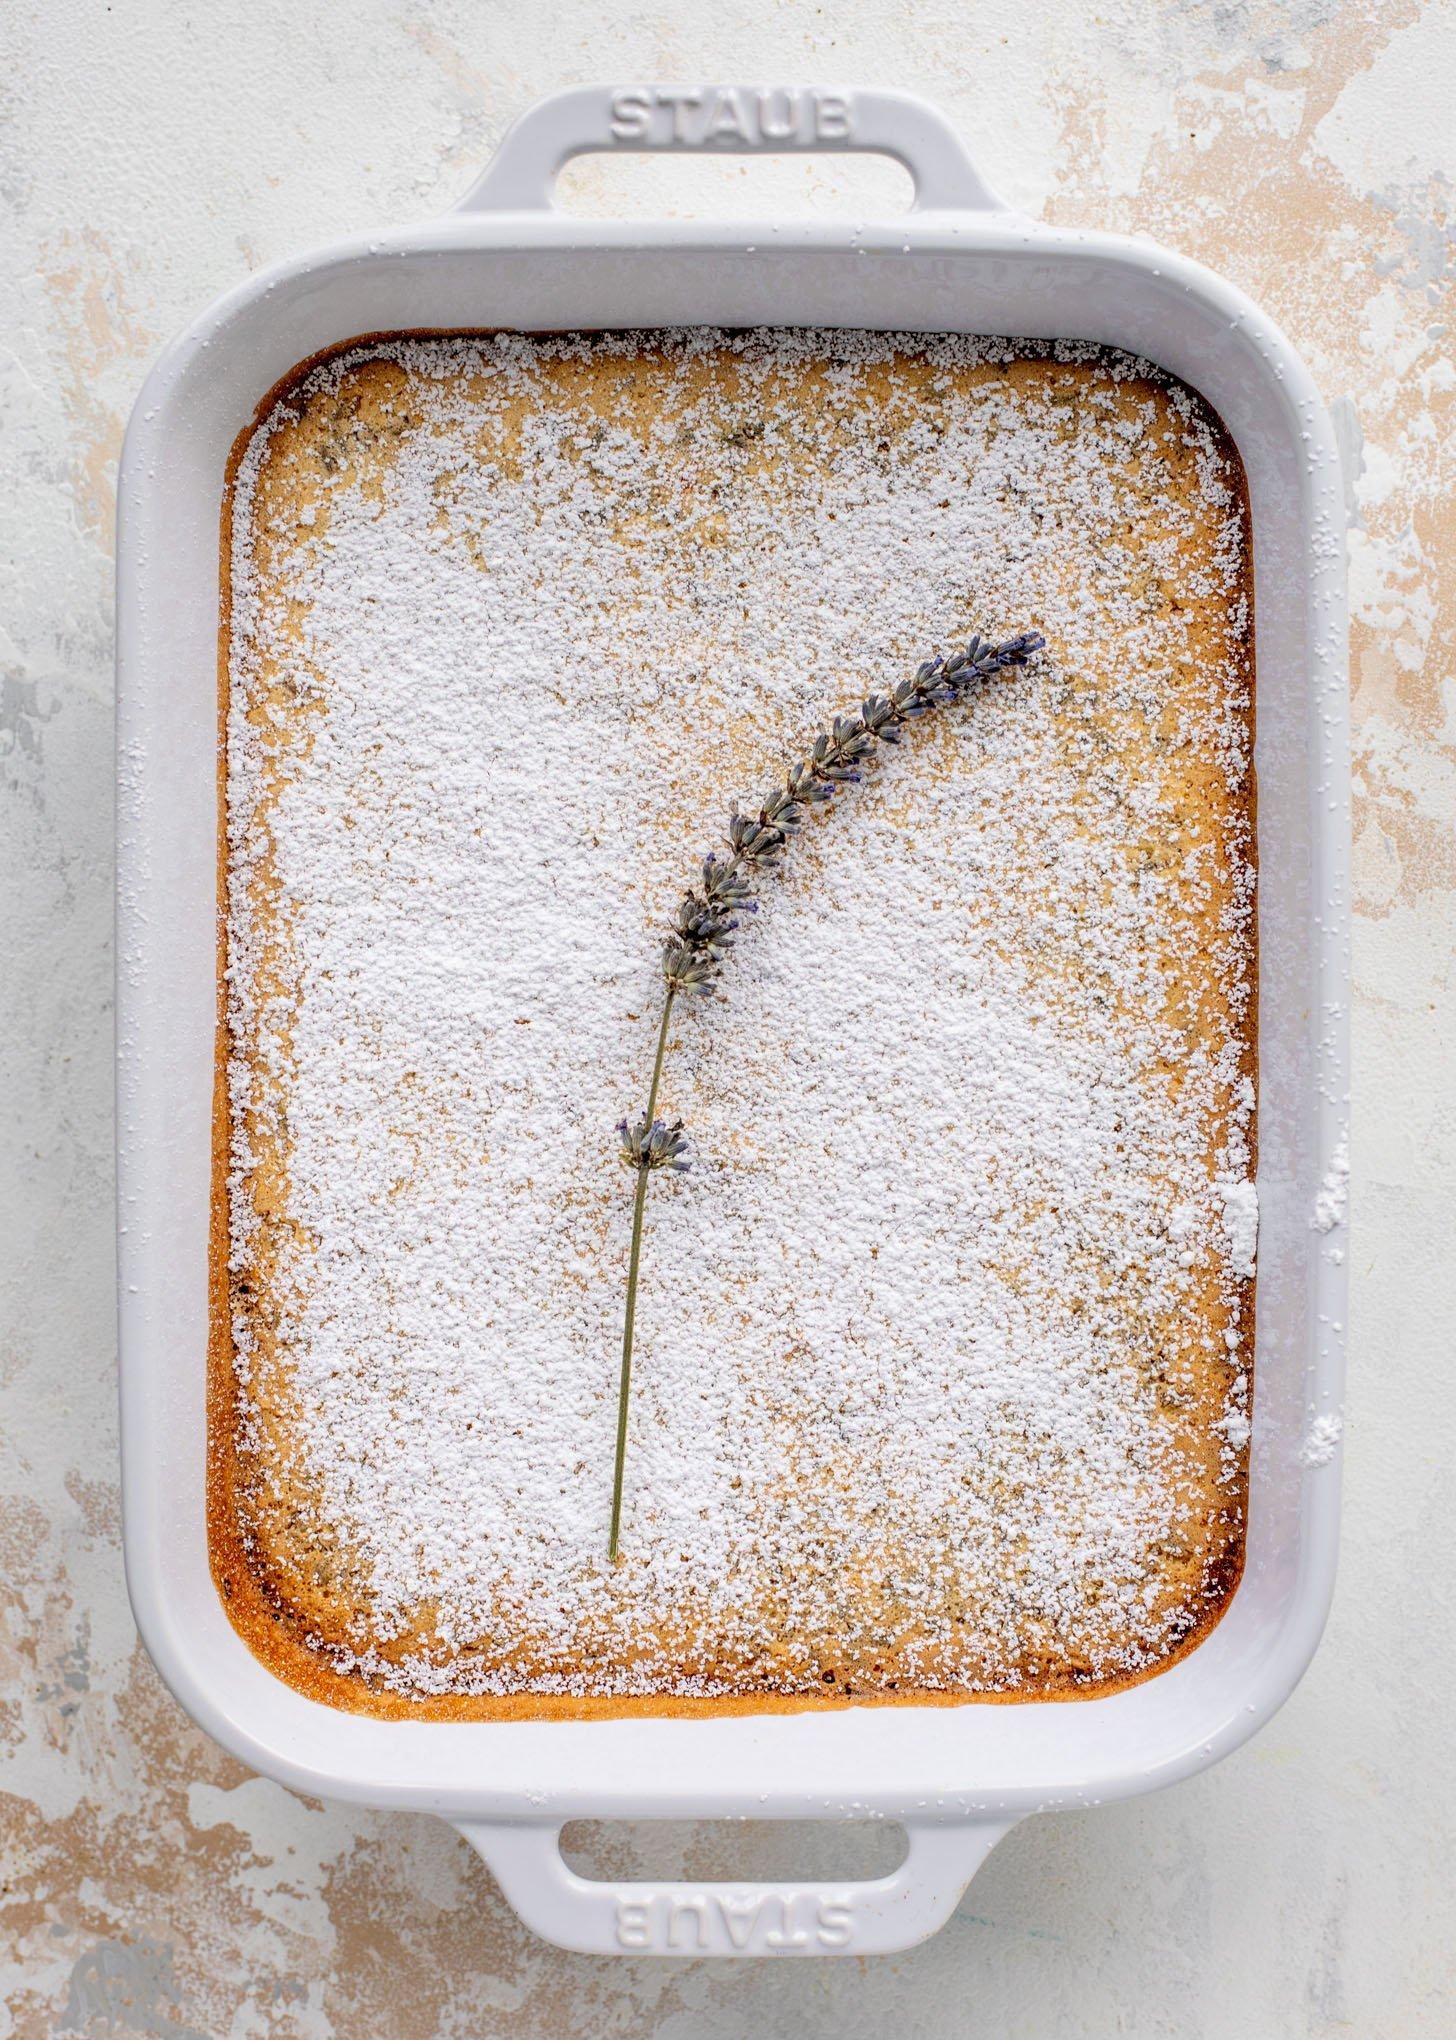 baked lavender lemon bars